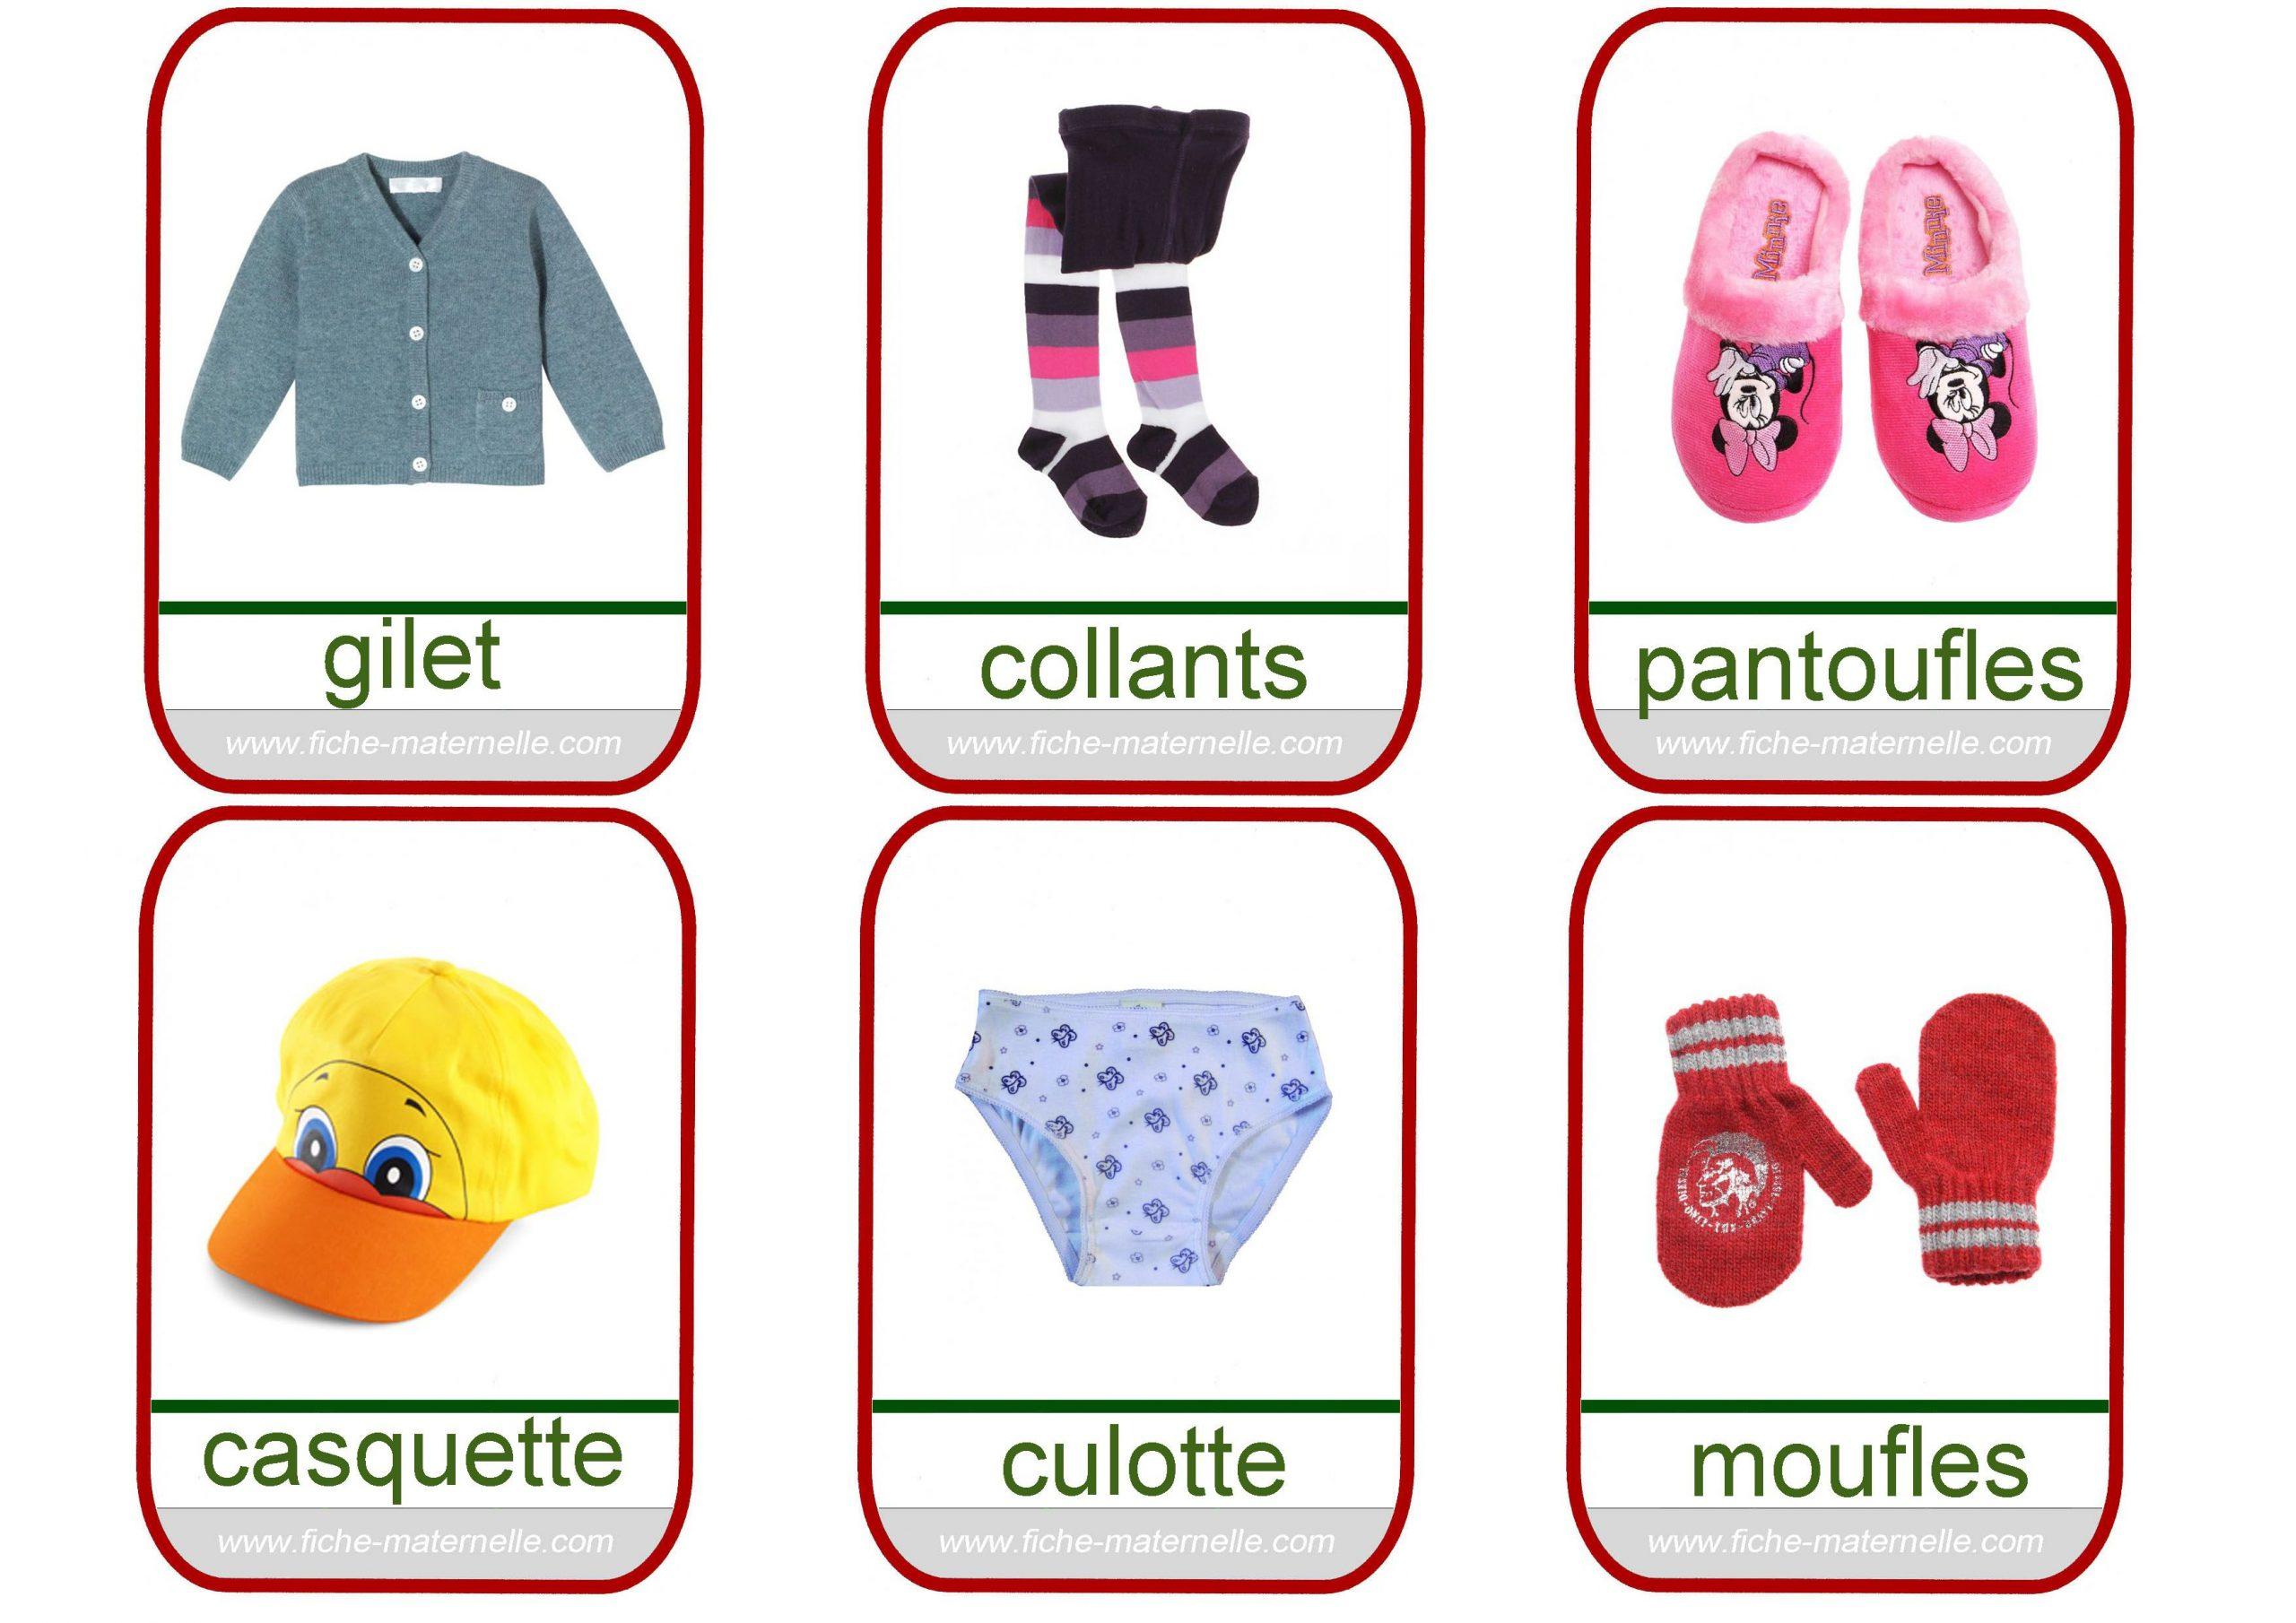 Imagier | Imagier, Pictogramme Enfant, Vocabulaire dedans Imagiers Maternelle